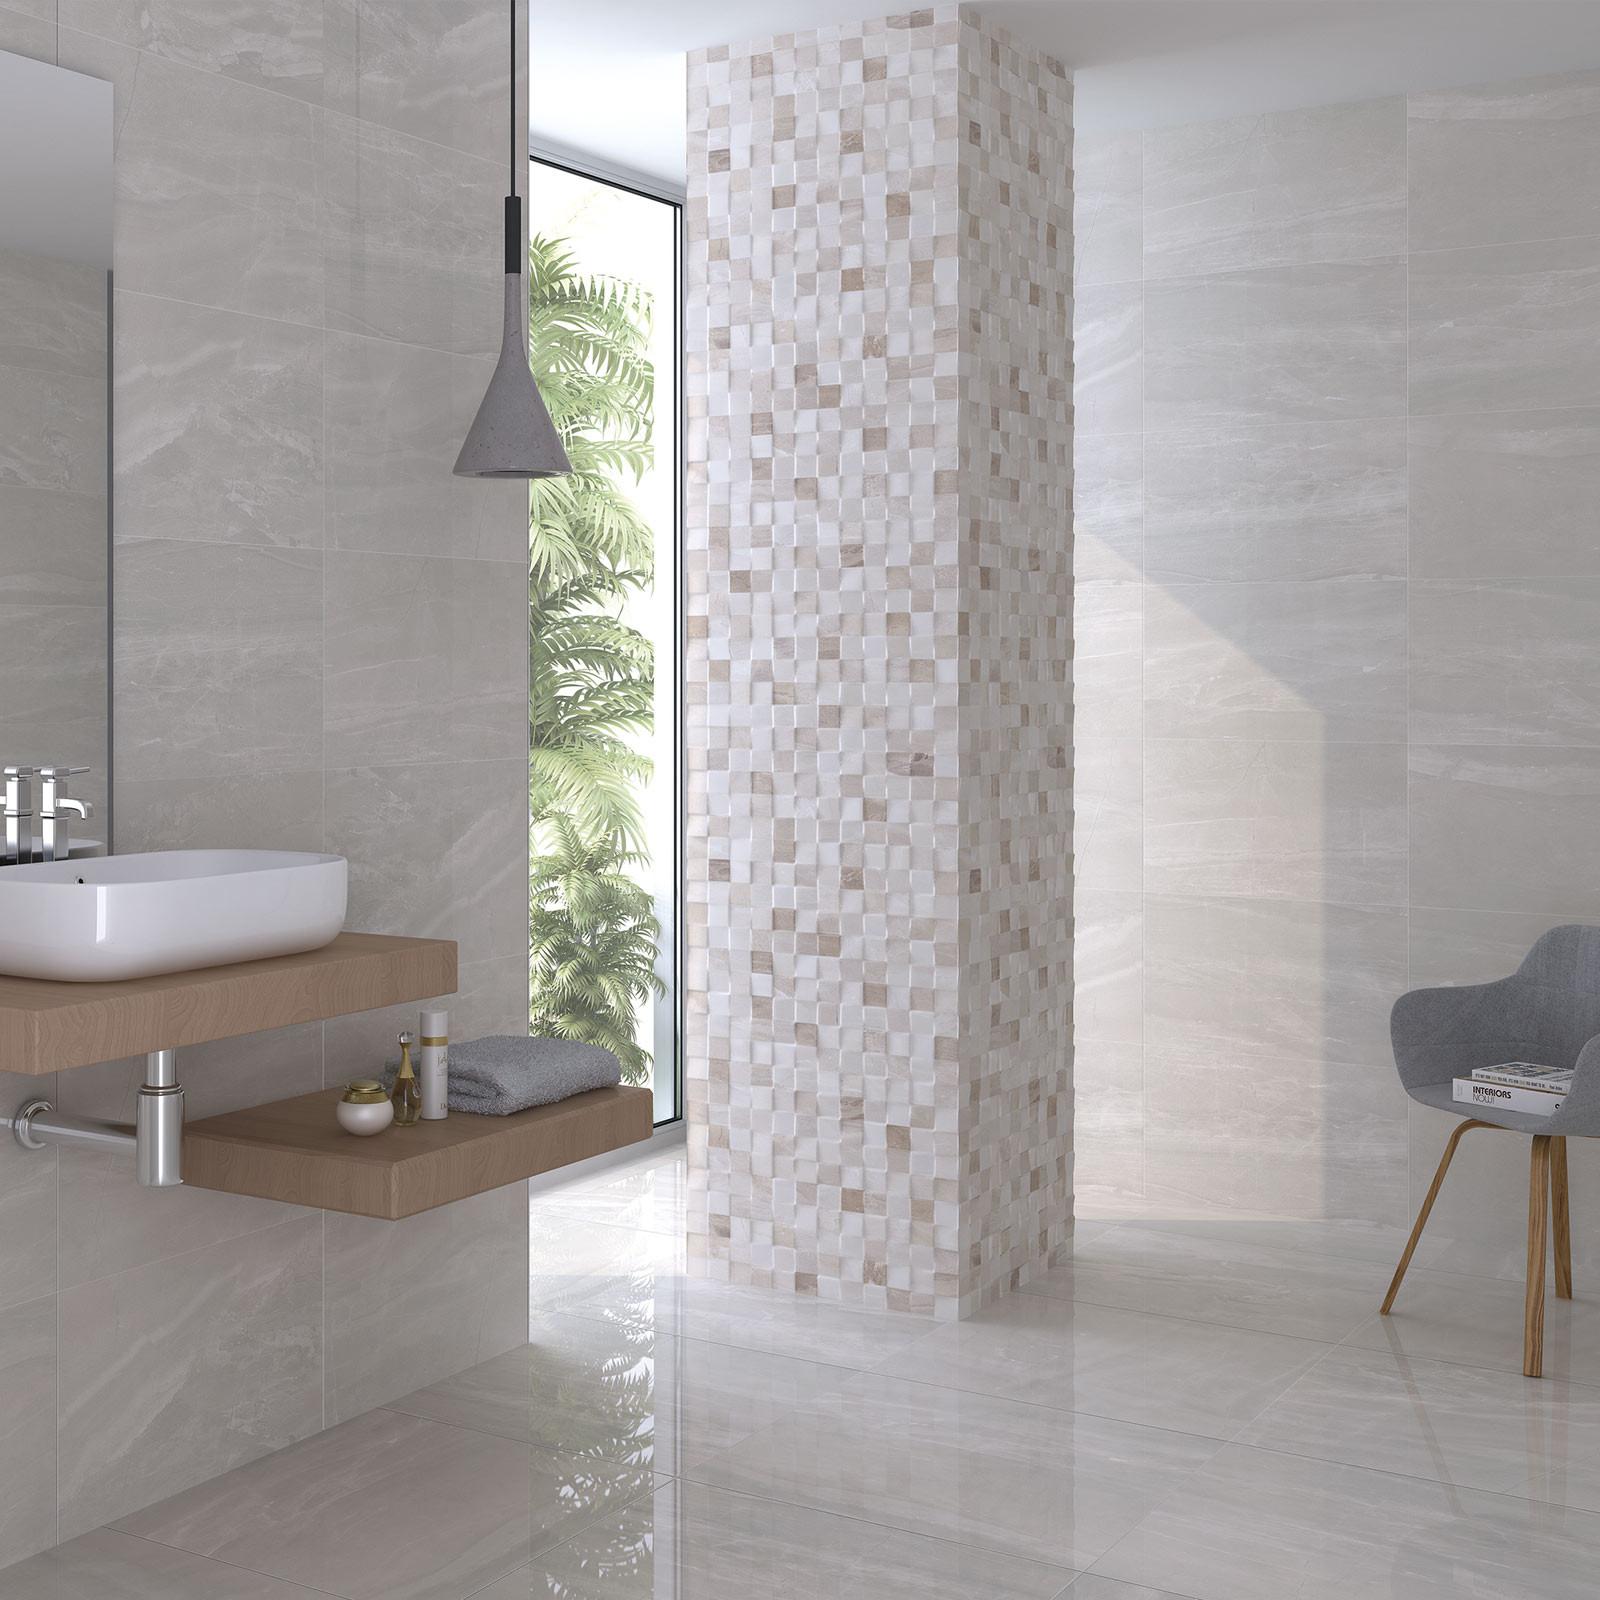 Atrium Kios Gris Relieve Glazed Porcelain Wall Tile